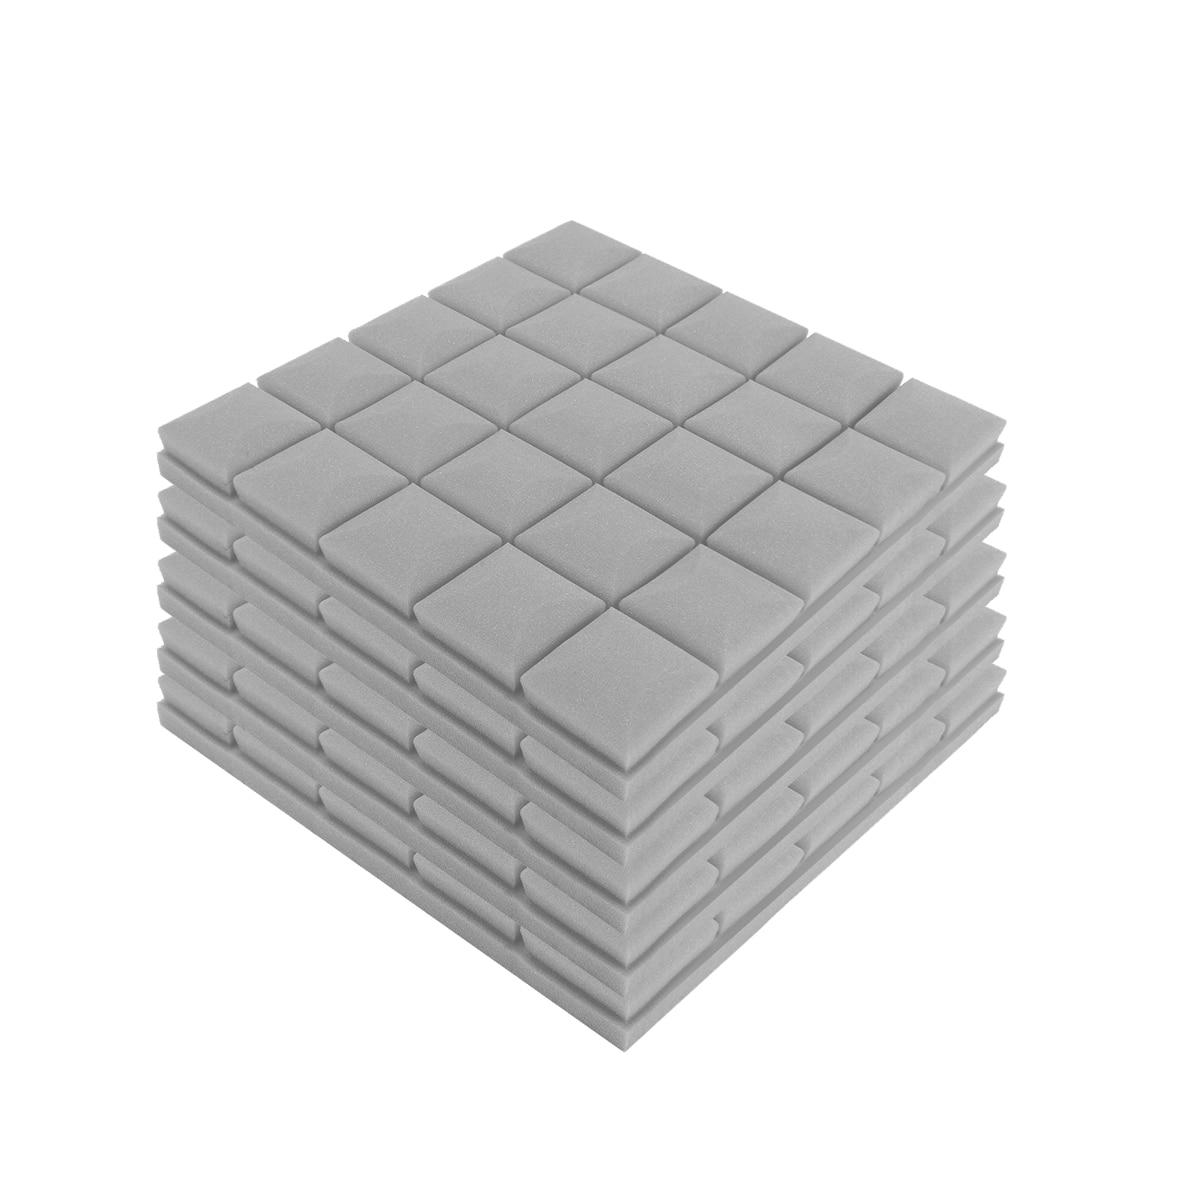 5pcs 500x500x50mm Soundproof Foam Acoustic Sound Stop Absorption Sponge Drum Room Accessories Wedge Tiles